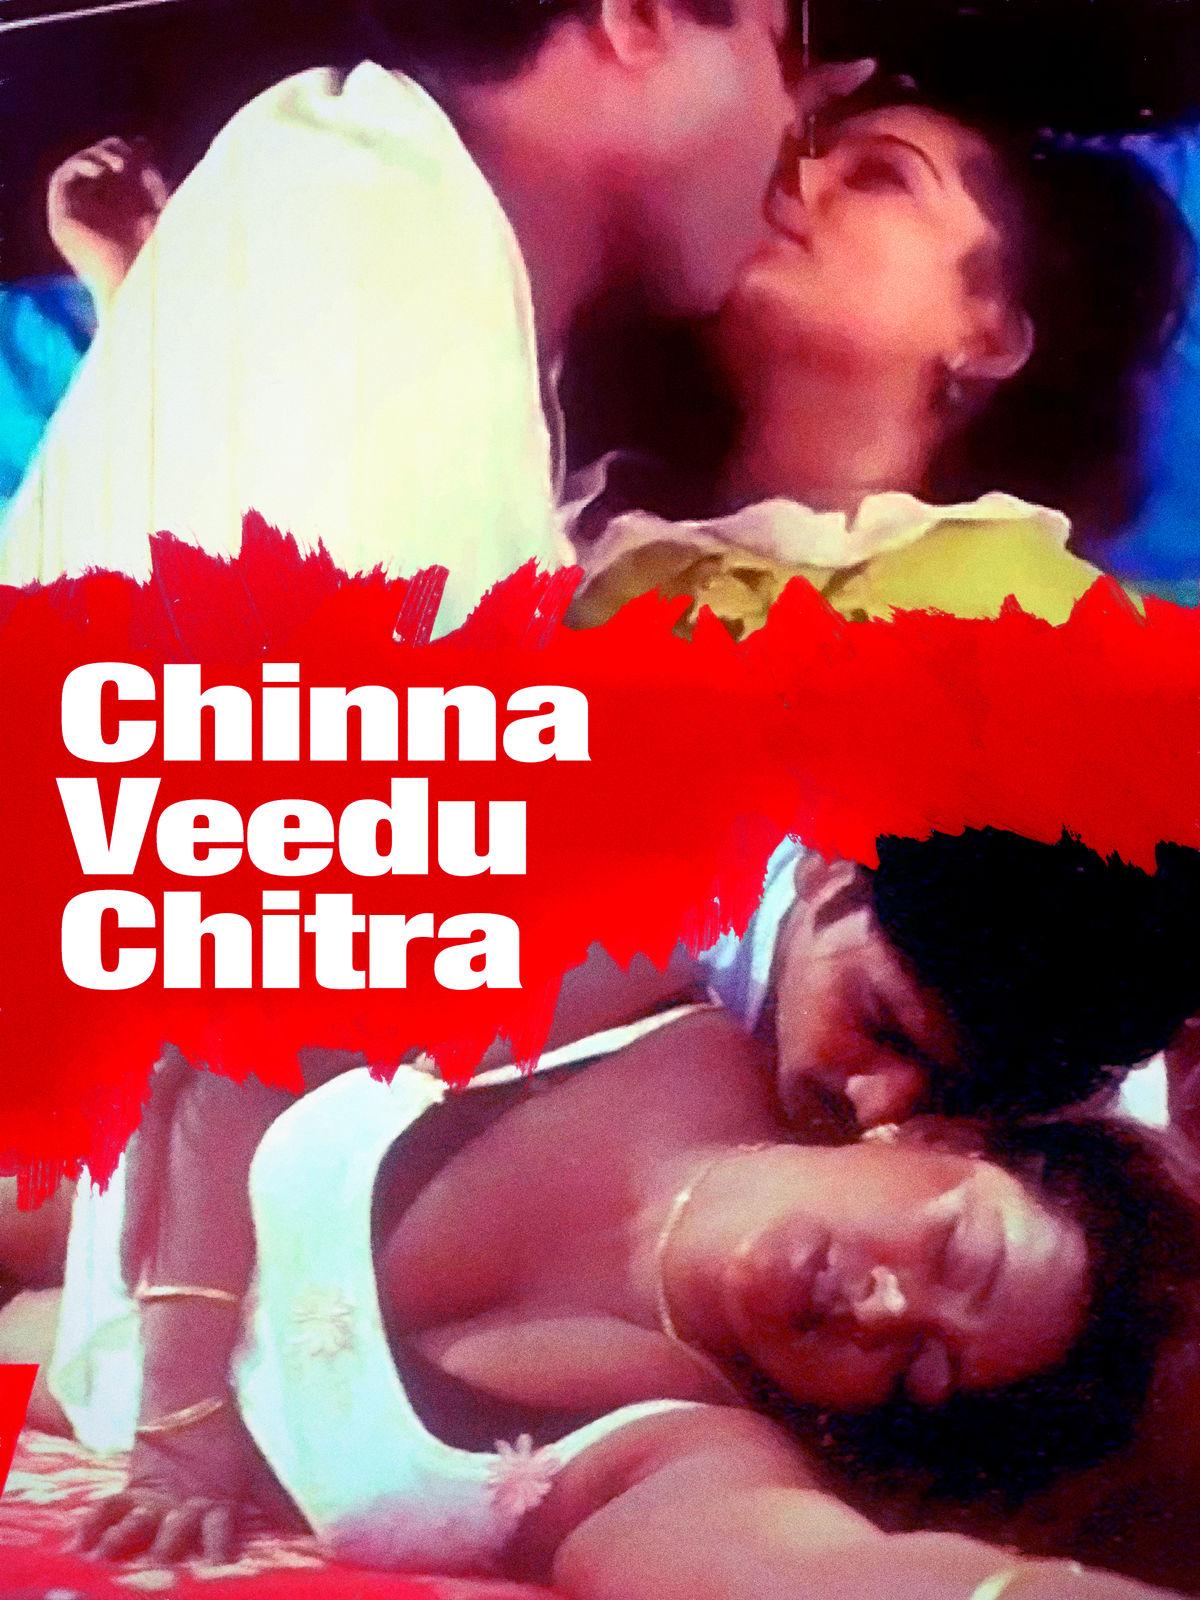 Chinna Veedu Chitra